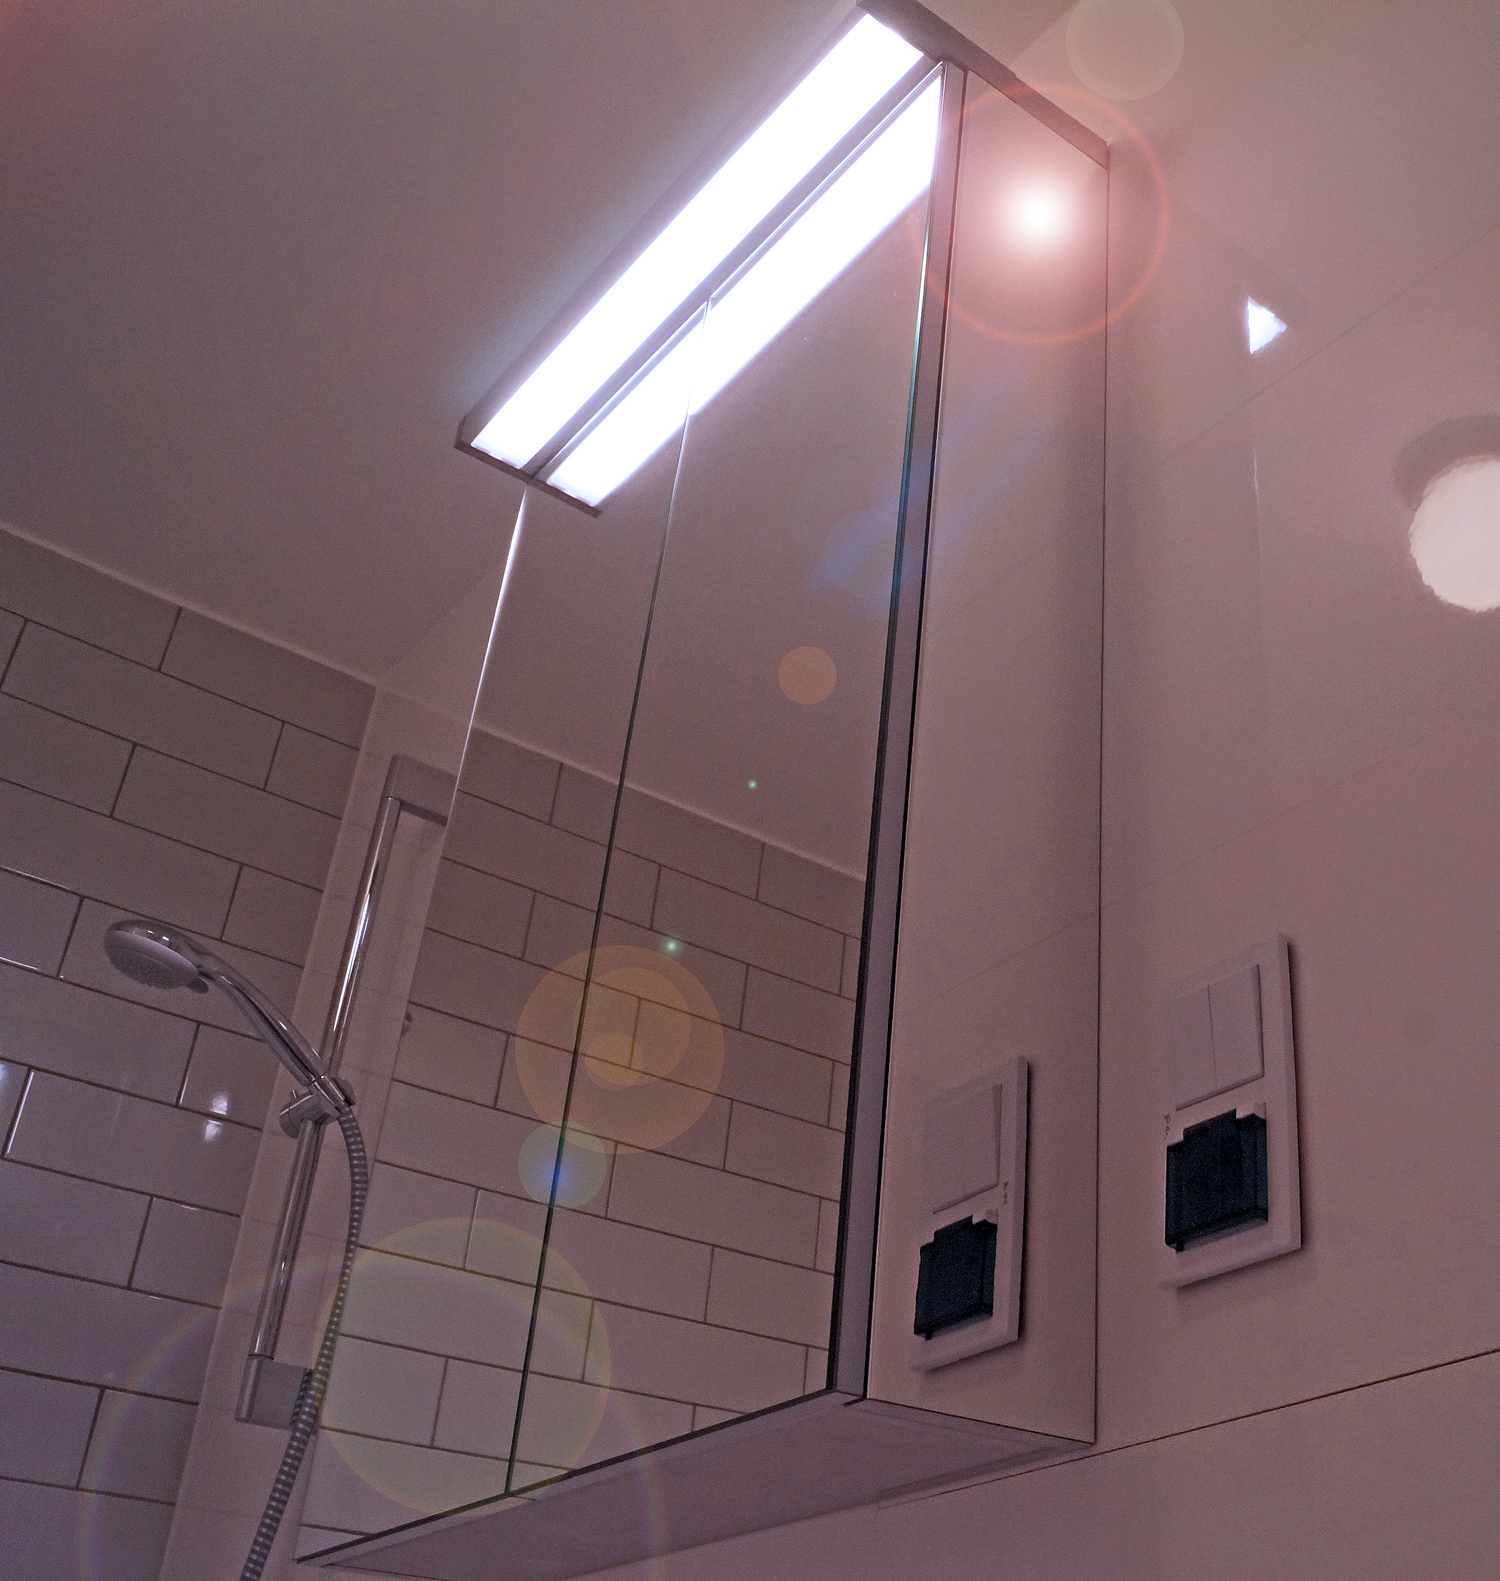 Jaki osprzęt elektryczny do łazienki?